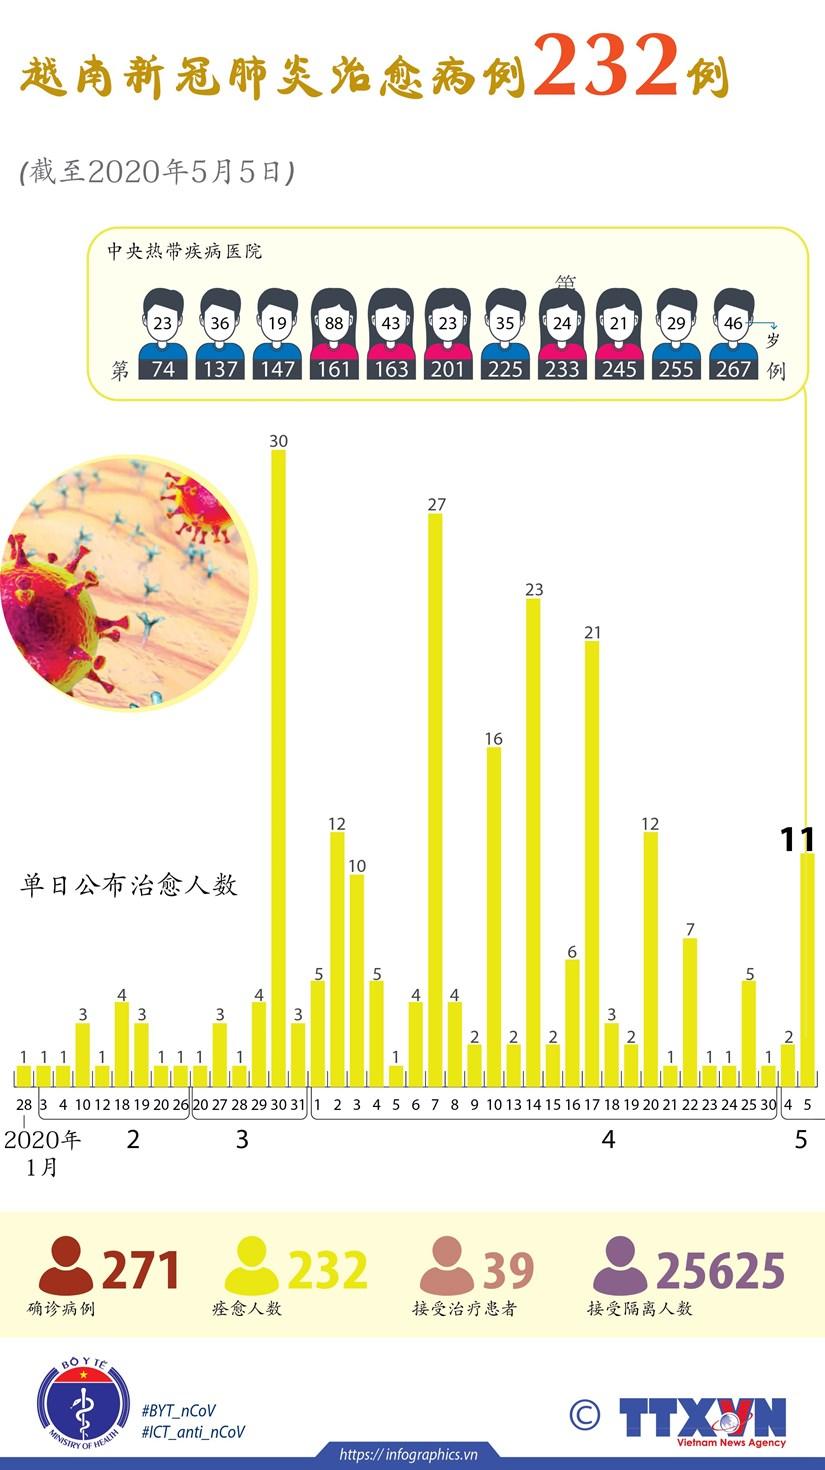 图表新闻:越南新冠肺炎治愈病例232例 hinh anh 1